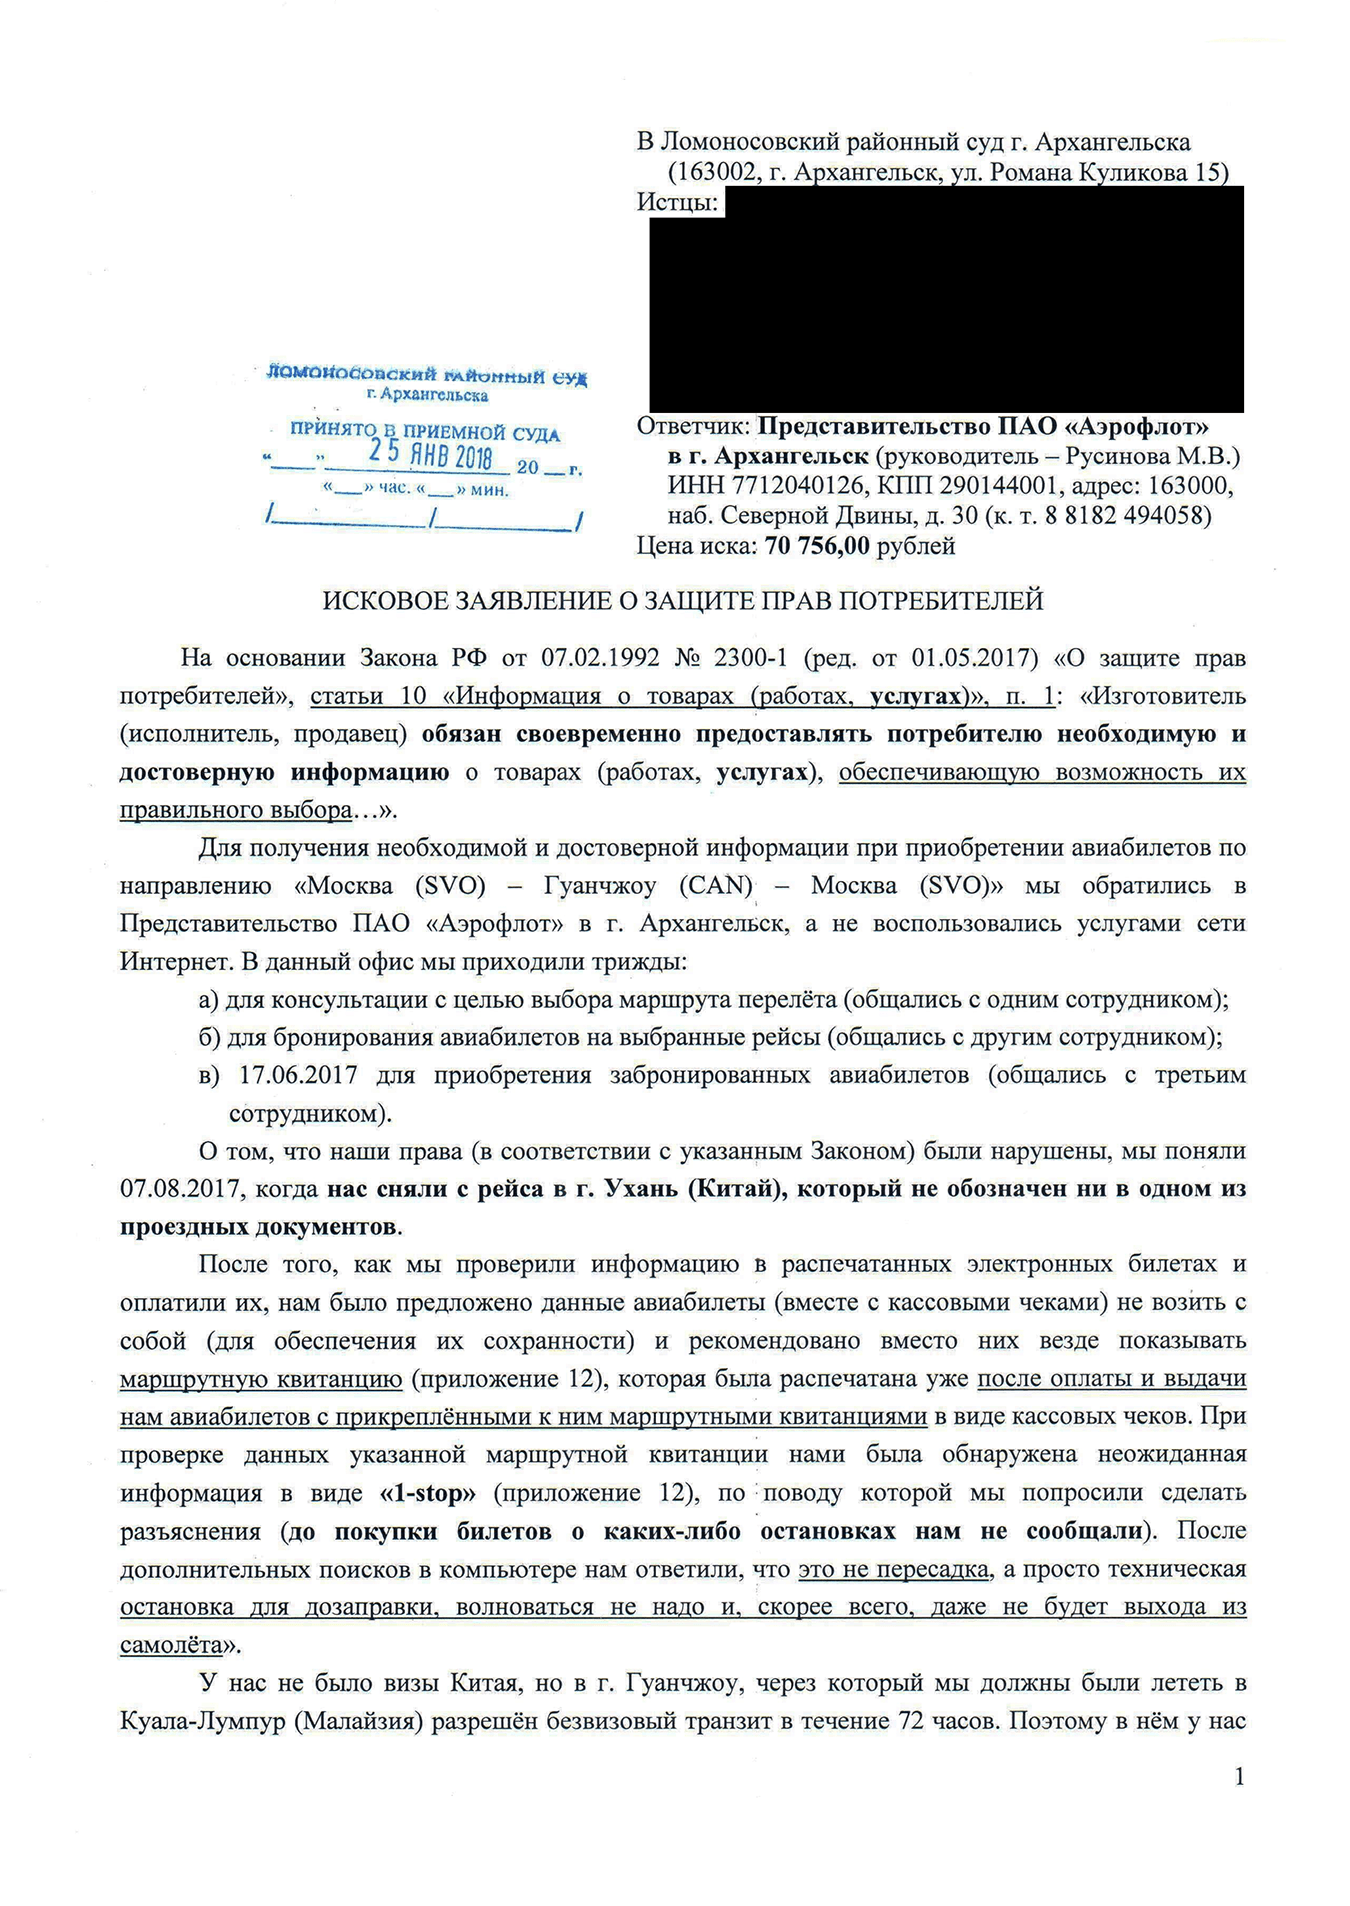 Исковое заявление в районный суд